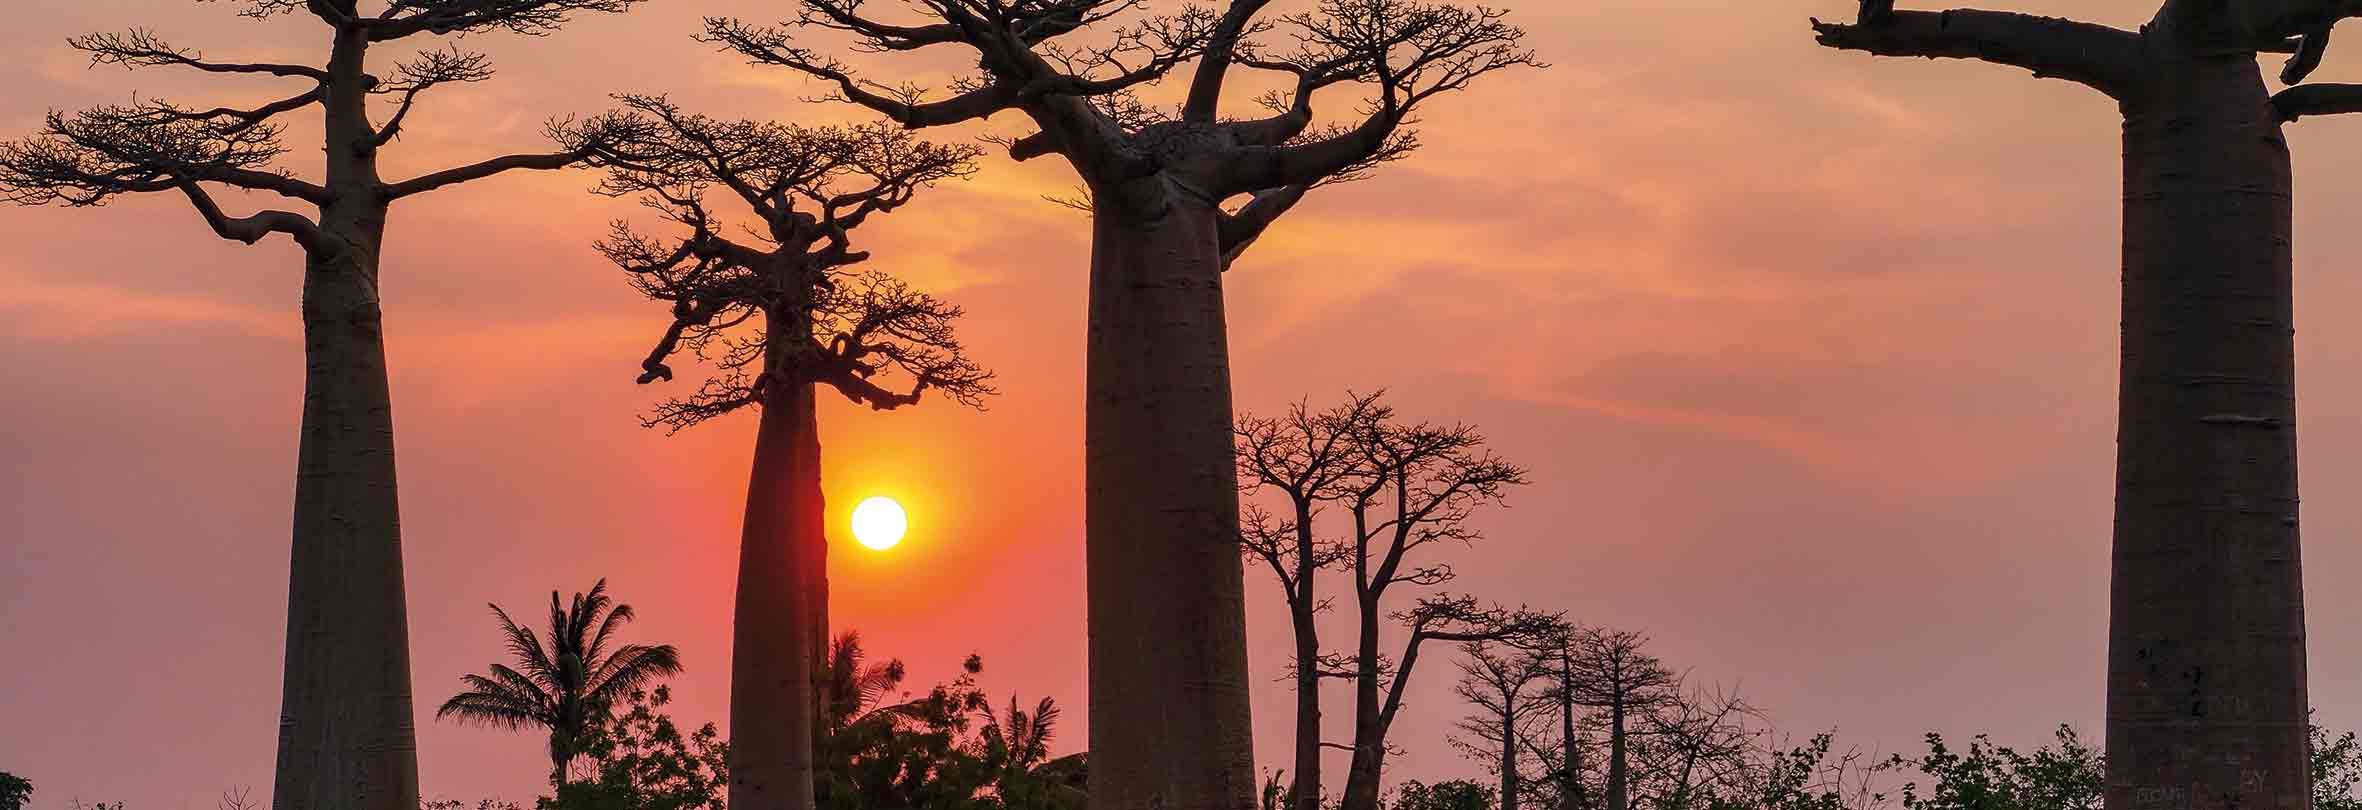 Baobab-Allee bei Sonnenuntergang, Madagaskar